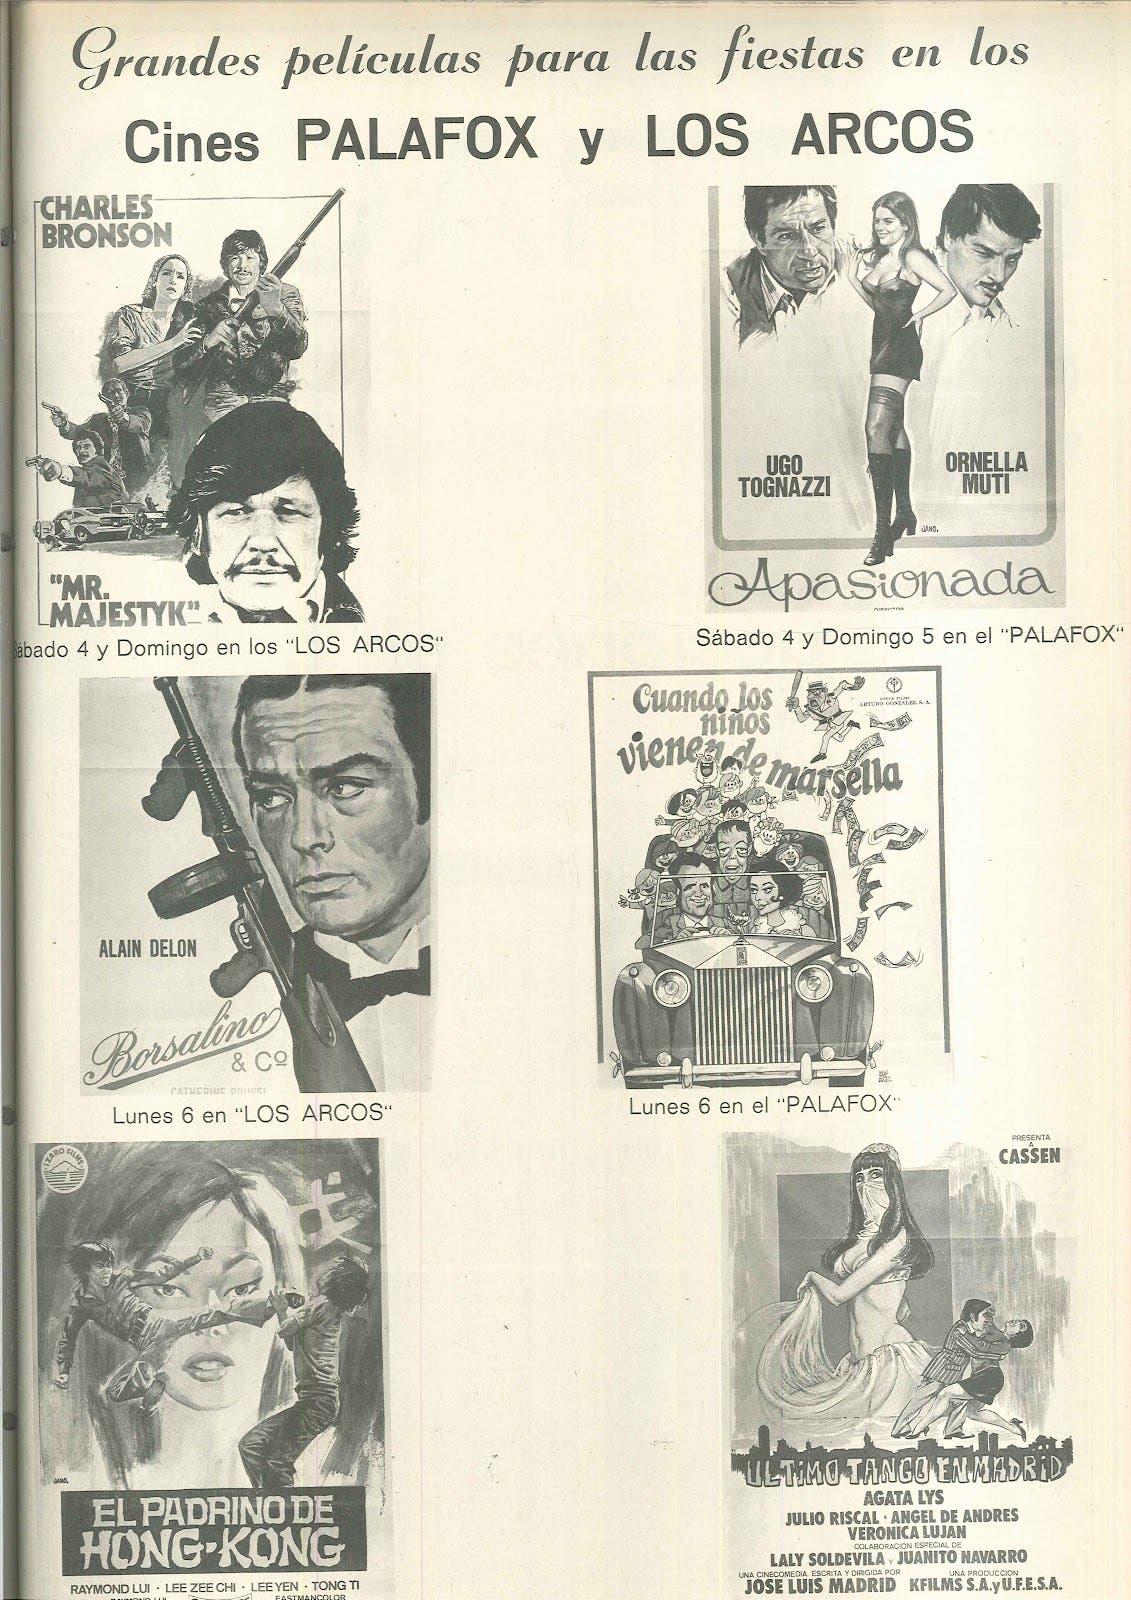 Las películas programadas para las fiestas de octubre de 1975 en los cines Palafox y Los Arcos, ambos del mismo empresario. (Archivo Municipal de Torrejón de Ardoz. El Despunte 1975)